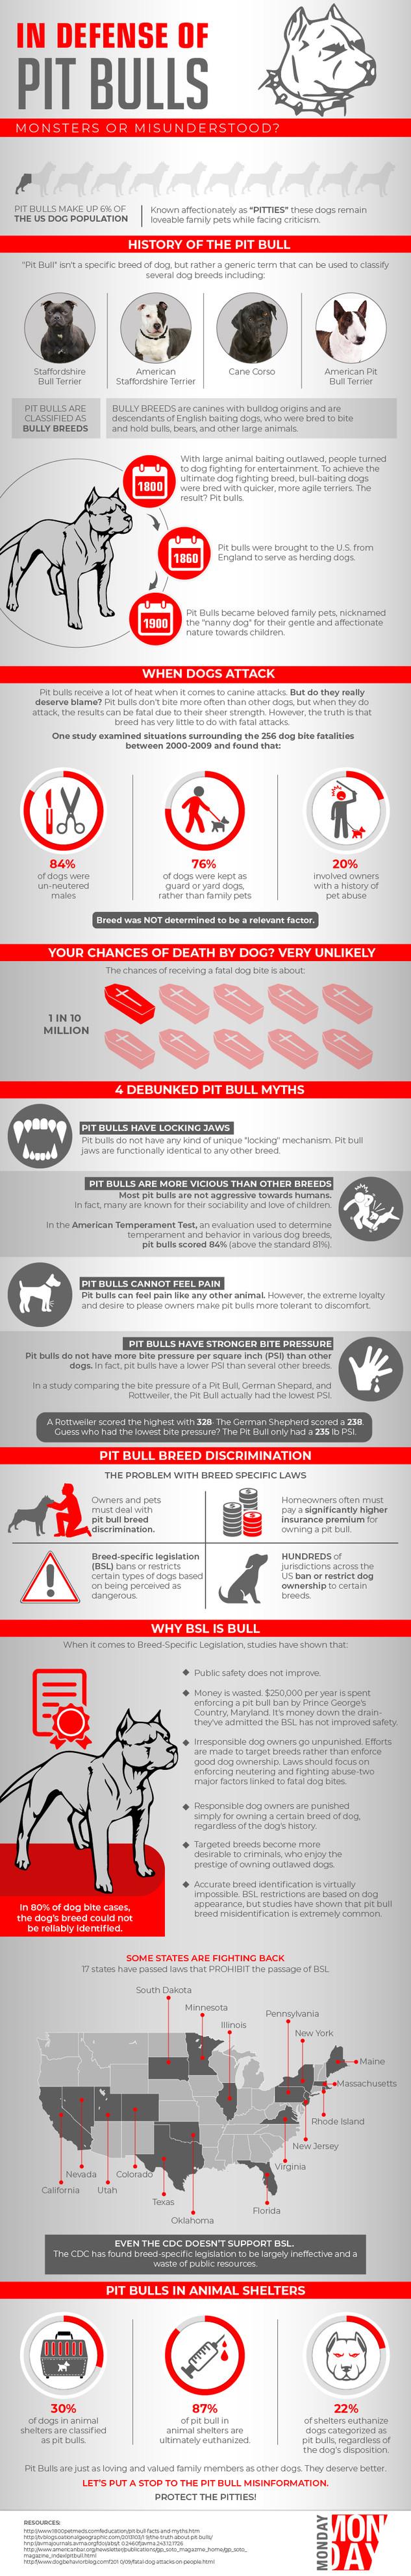 In Defense Of Pit Bulls